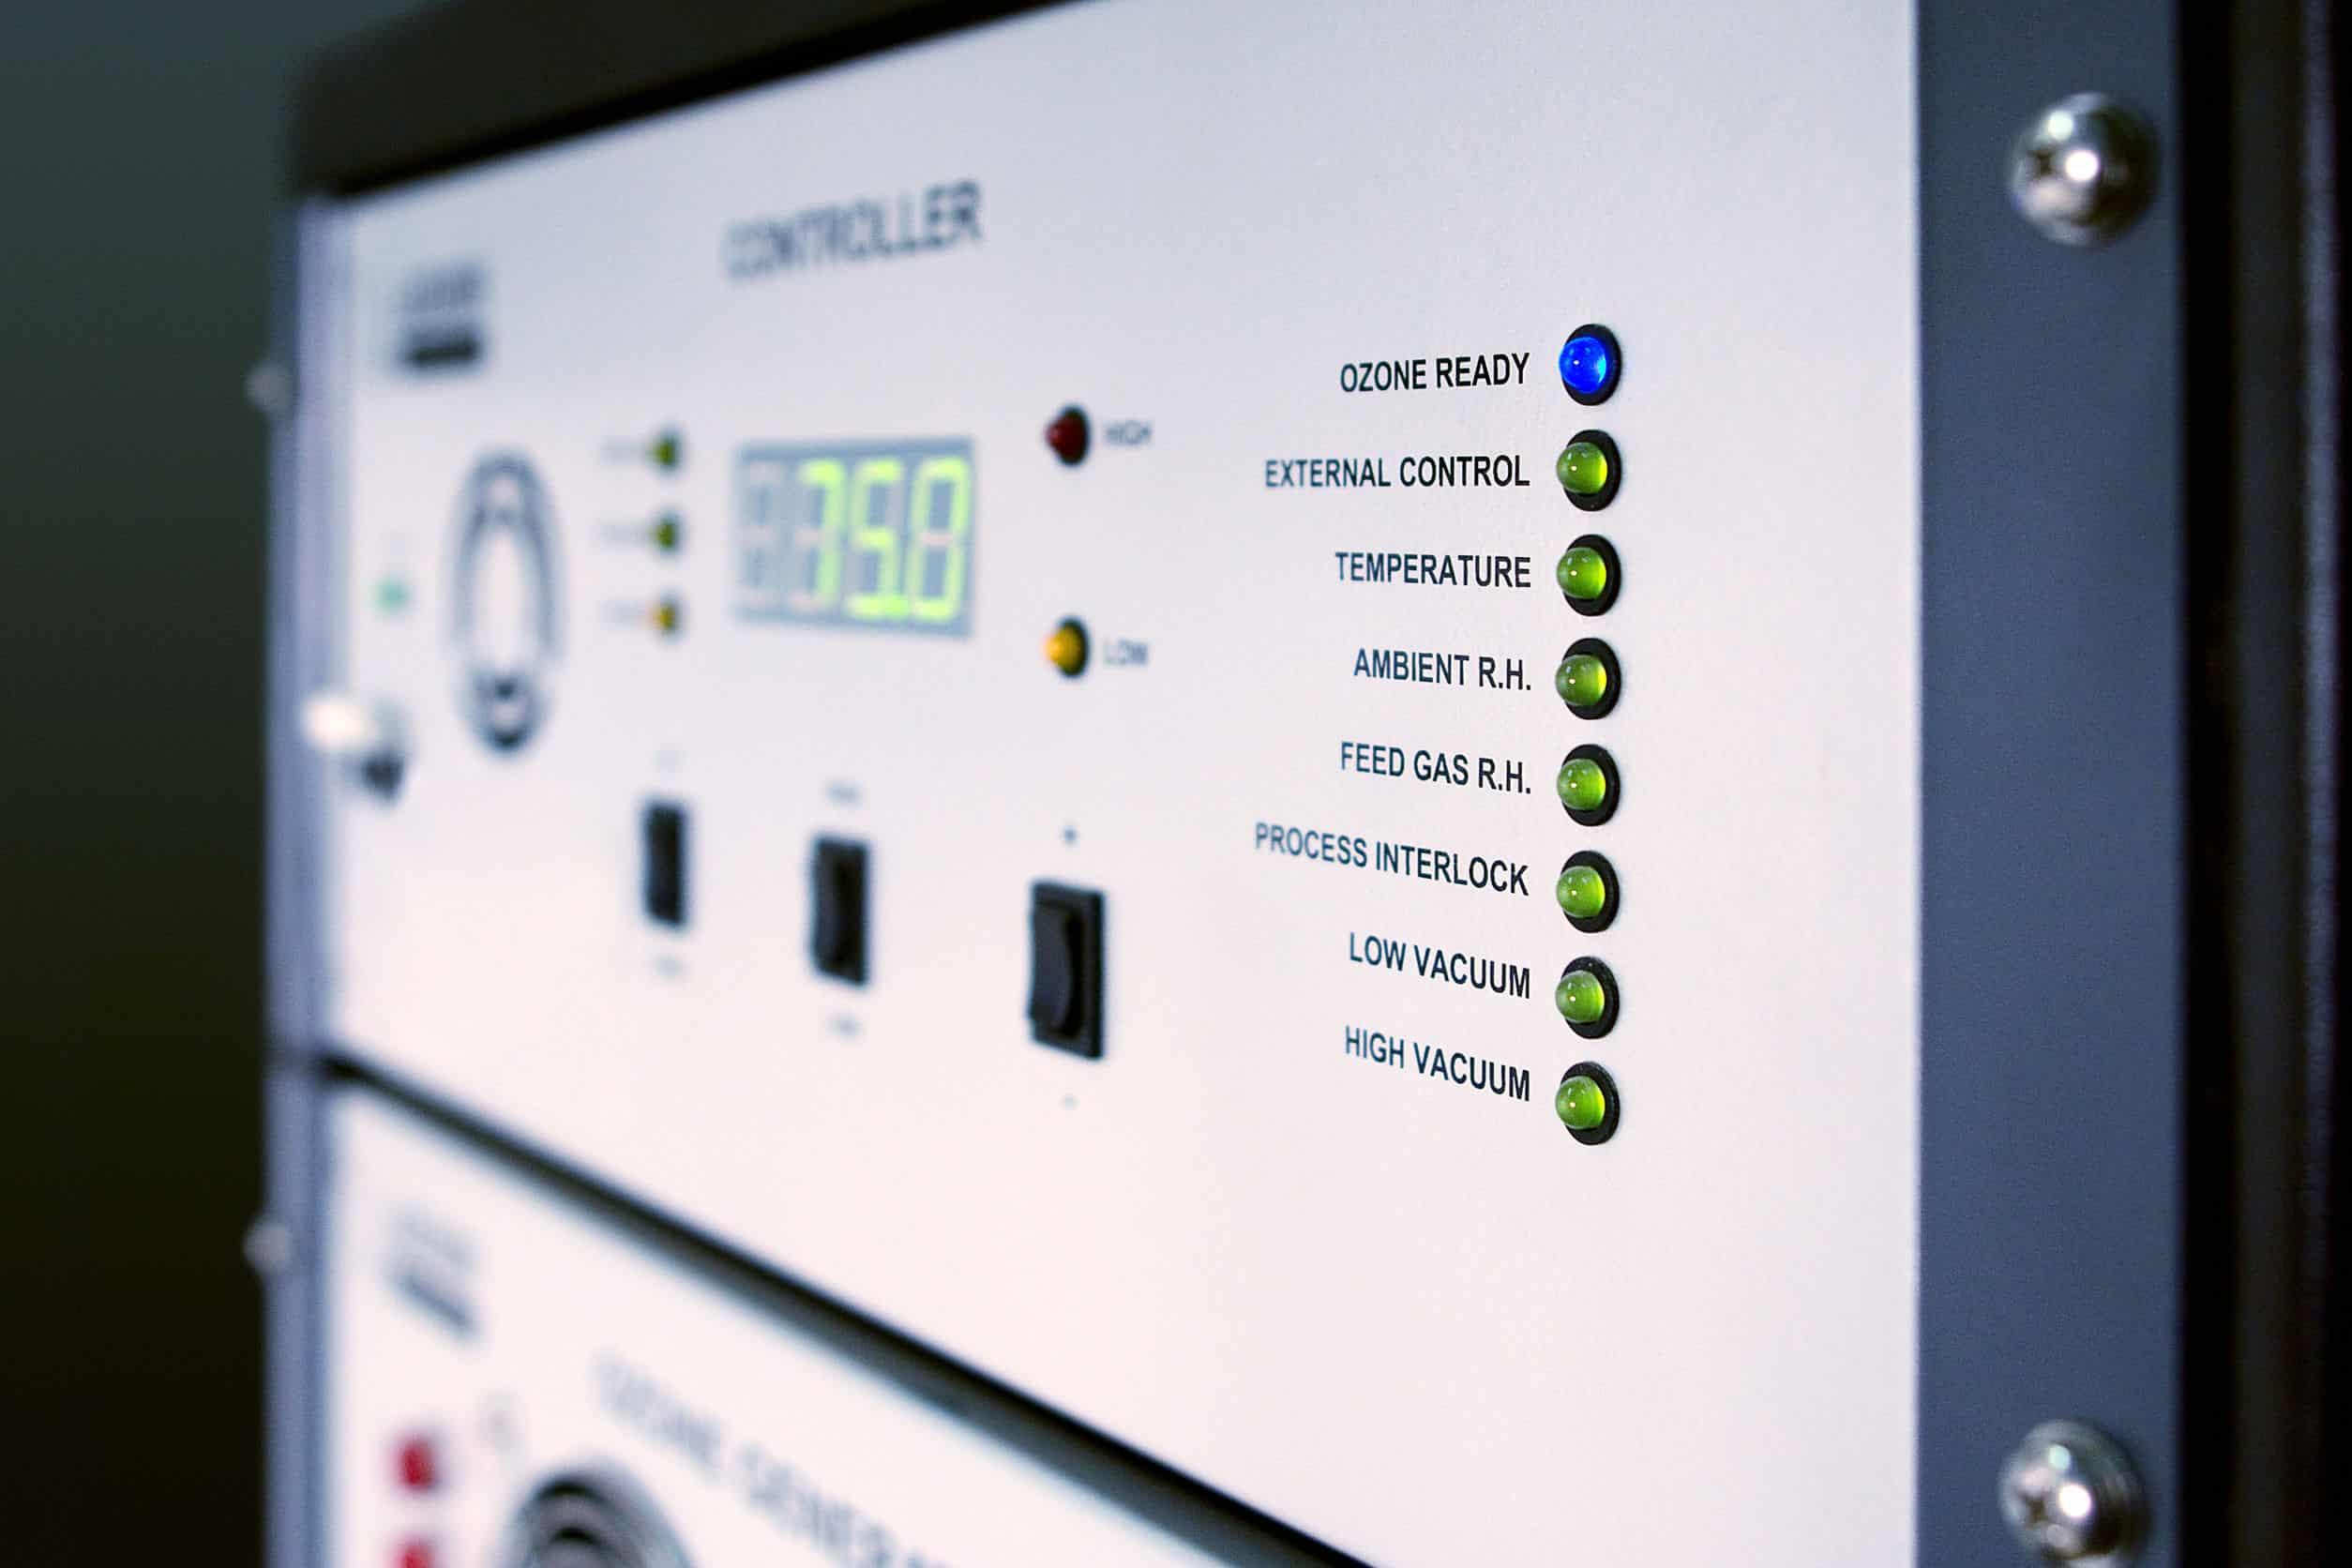 Imagem mostra o painel de controle de um gerador de ozônio.